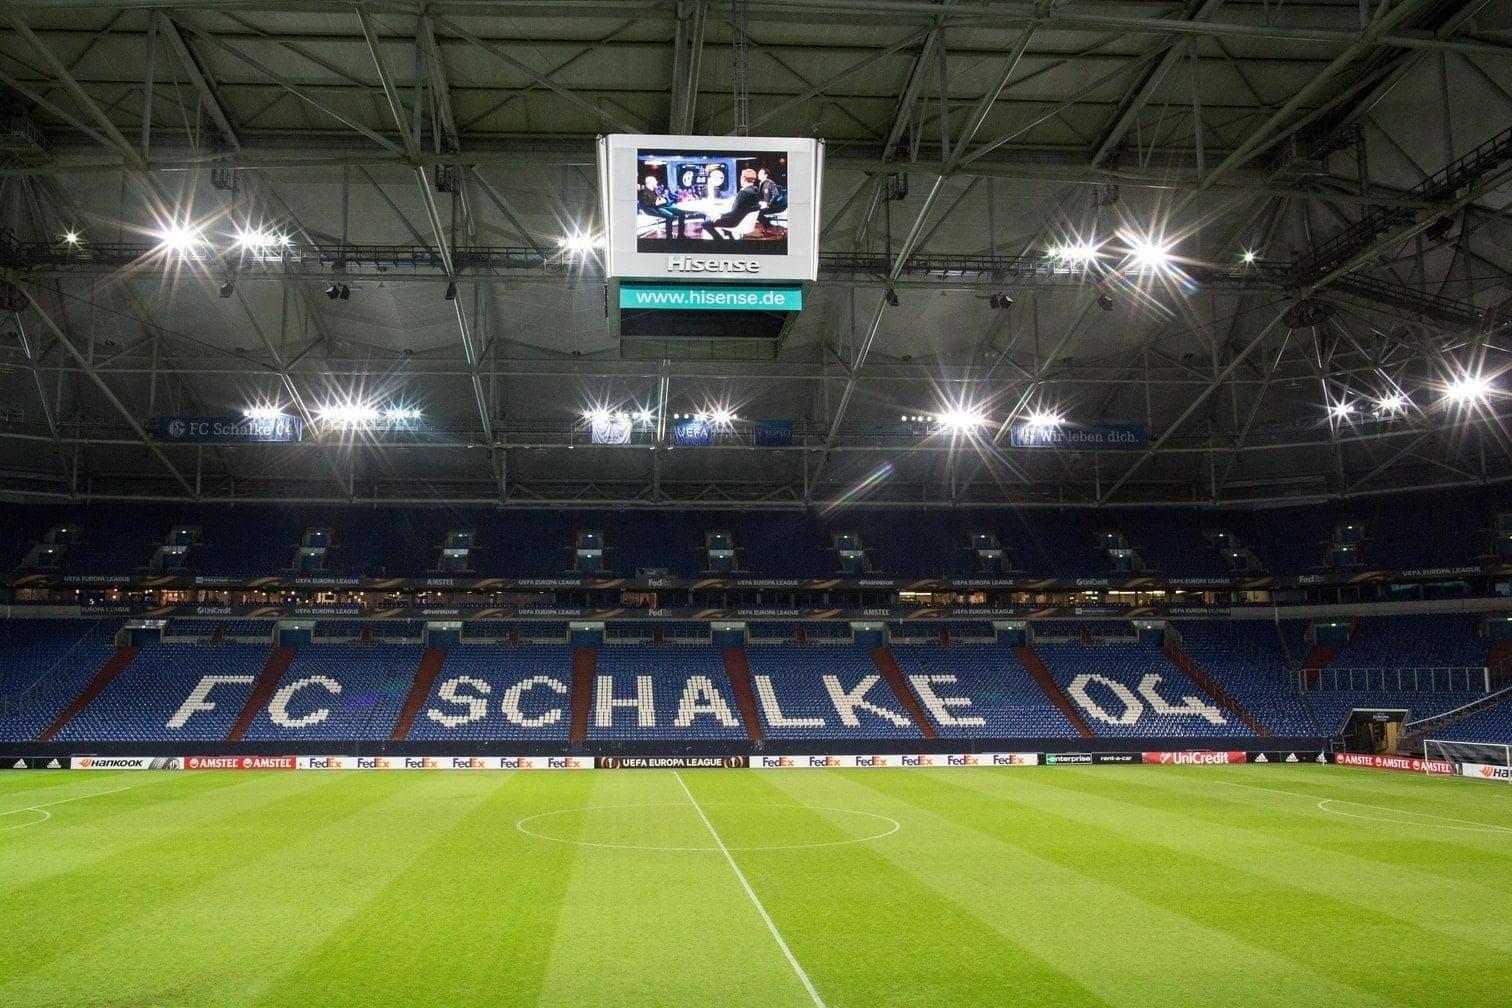 BVB Stadion<br />Kapazität: 61.524 Zuschauer<br />6 Spiele</p> Foto: dpa/Christian Charisius